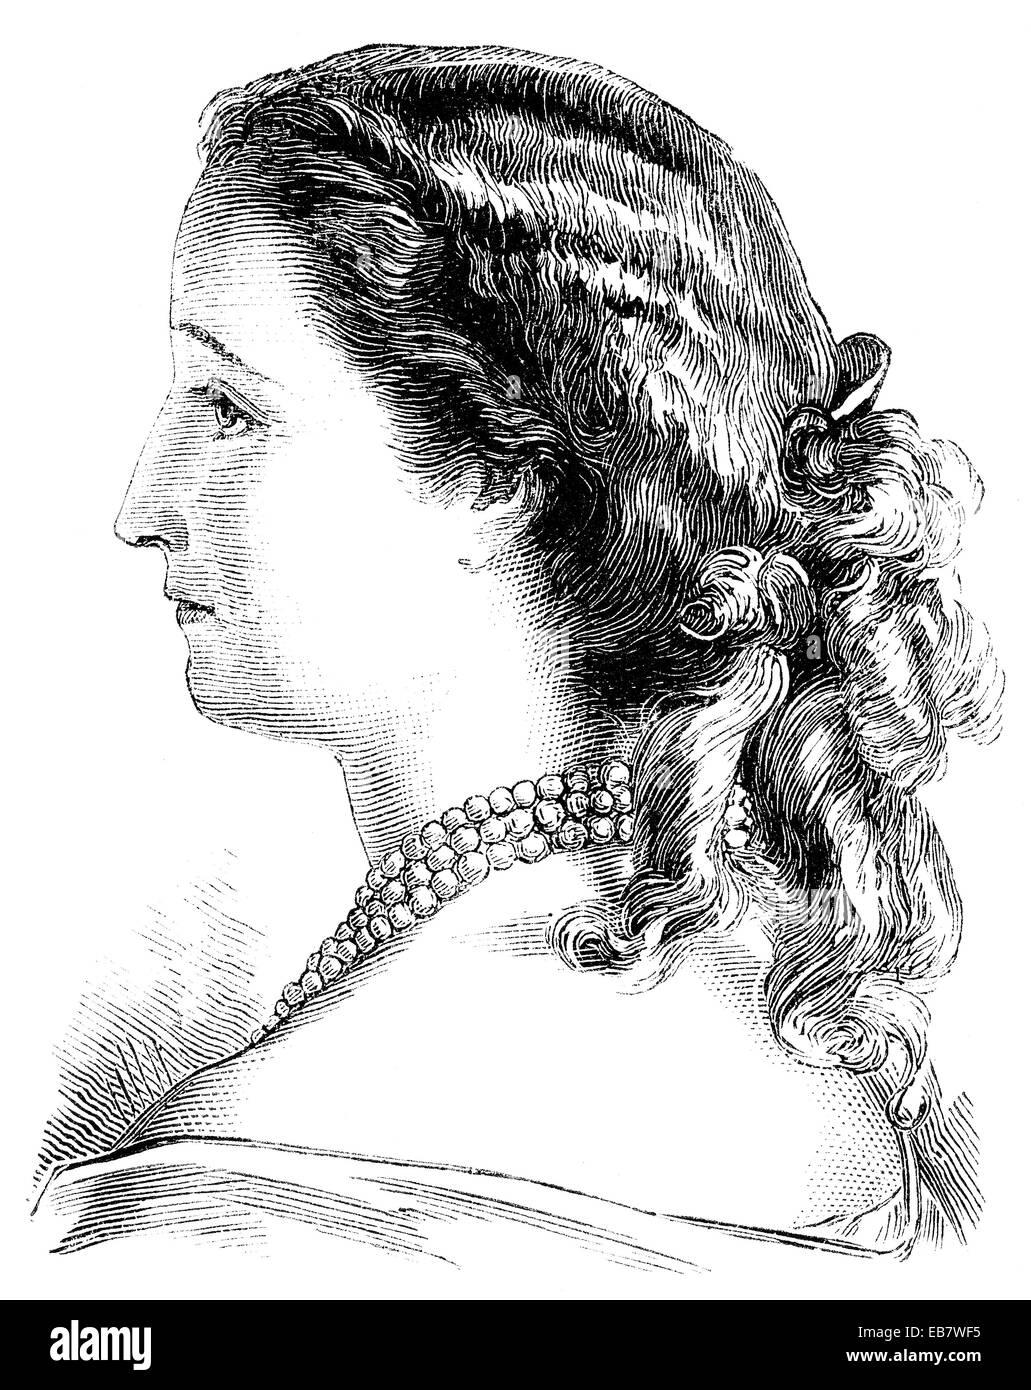 Eugénie de Montijo, XVI Contessa di Teba e xv Marquise di Ardales, 1826 - 1920, moglie di Napoleone III Immagini Stock